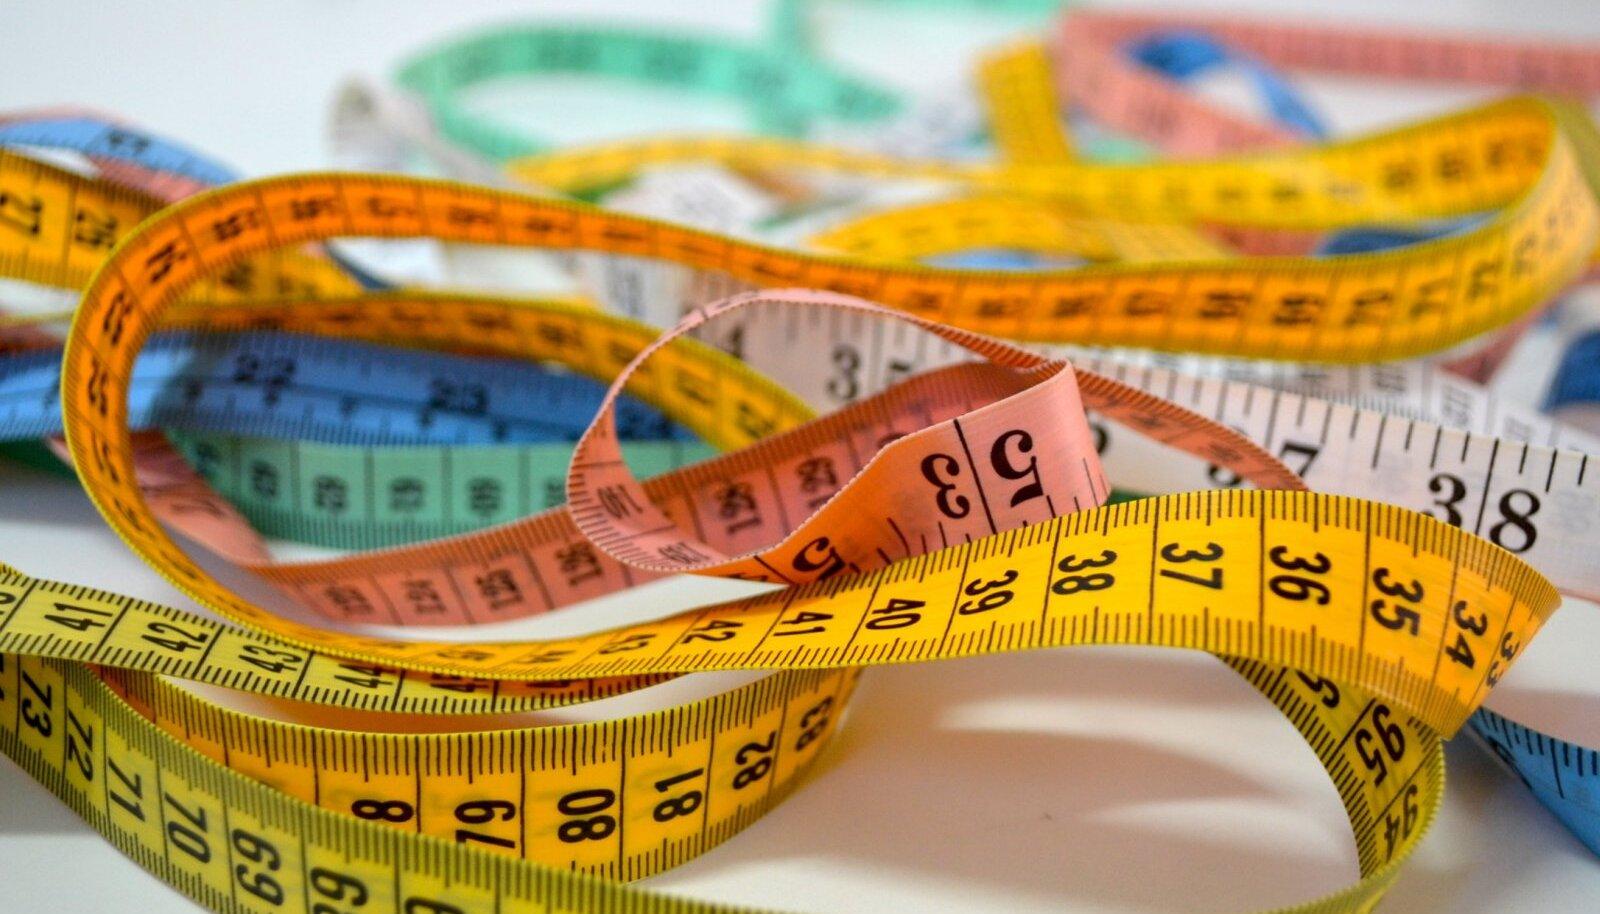 kaalulangus 60 paeva valjakutse esimesed sammud rasva kadumiseks